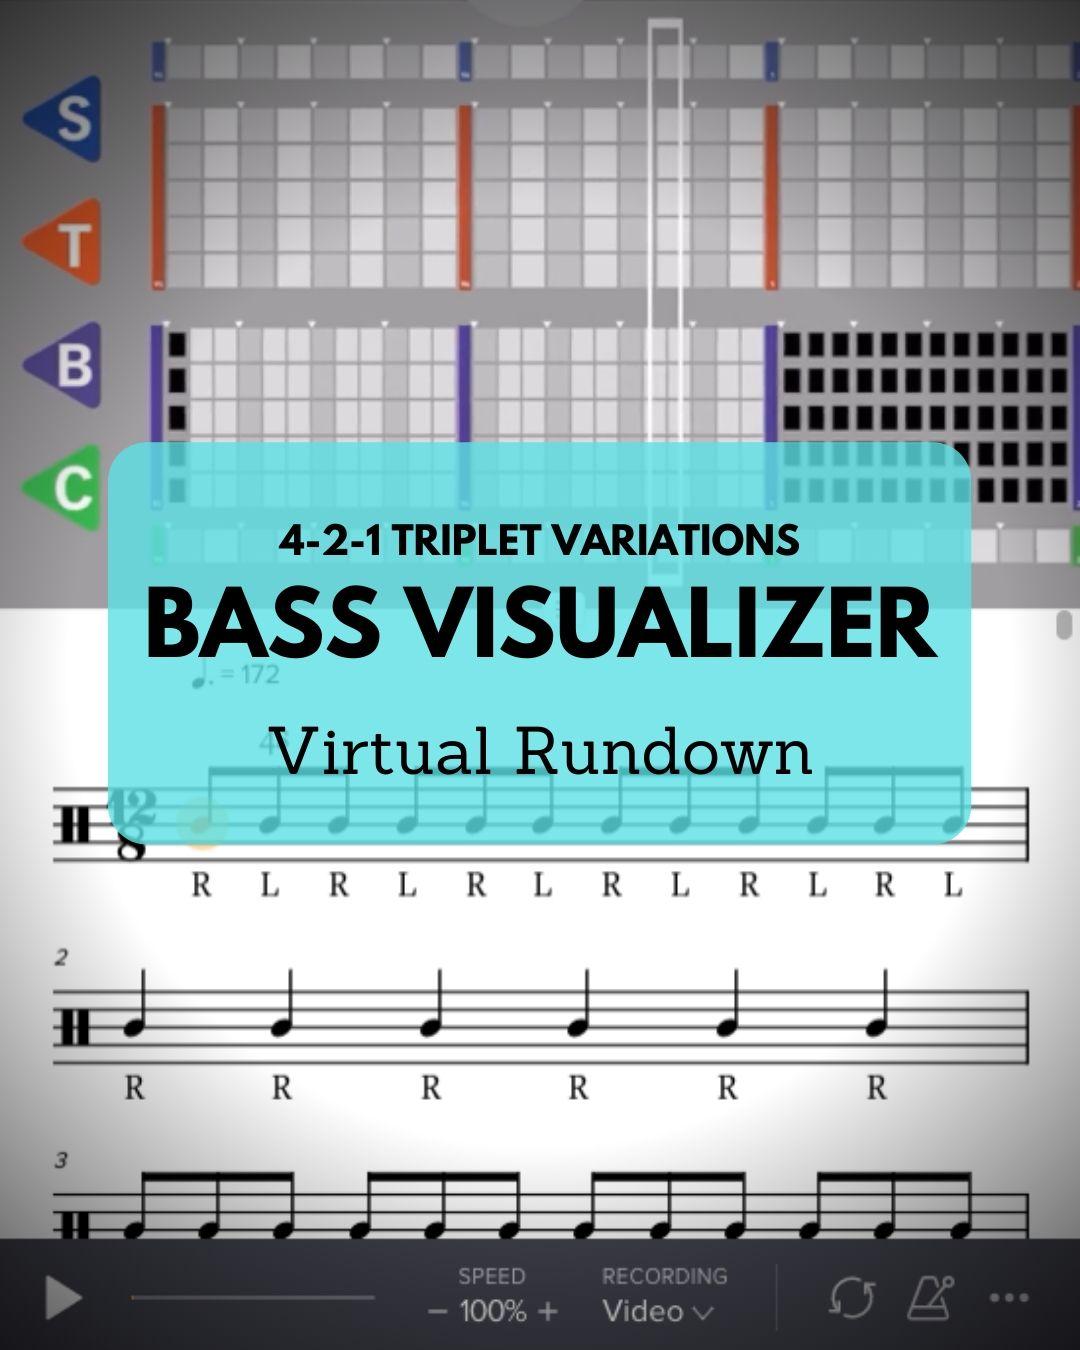 4-2-1 Bass Visualizer